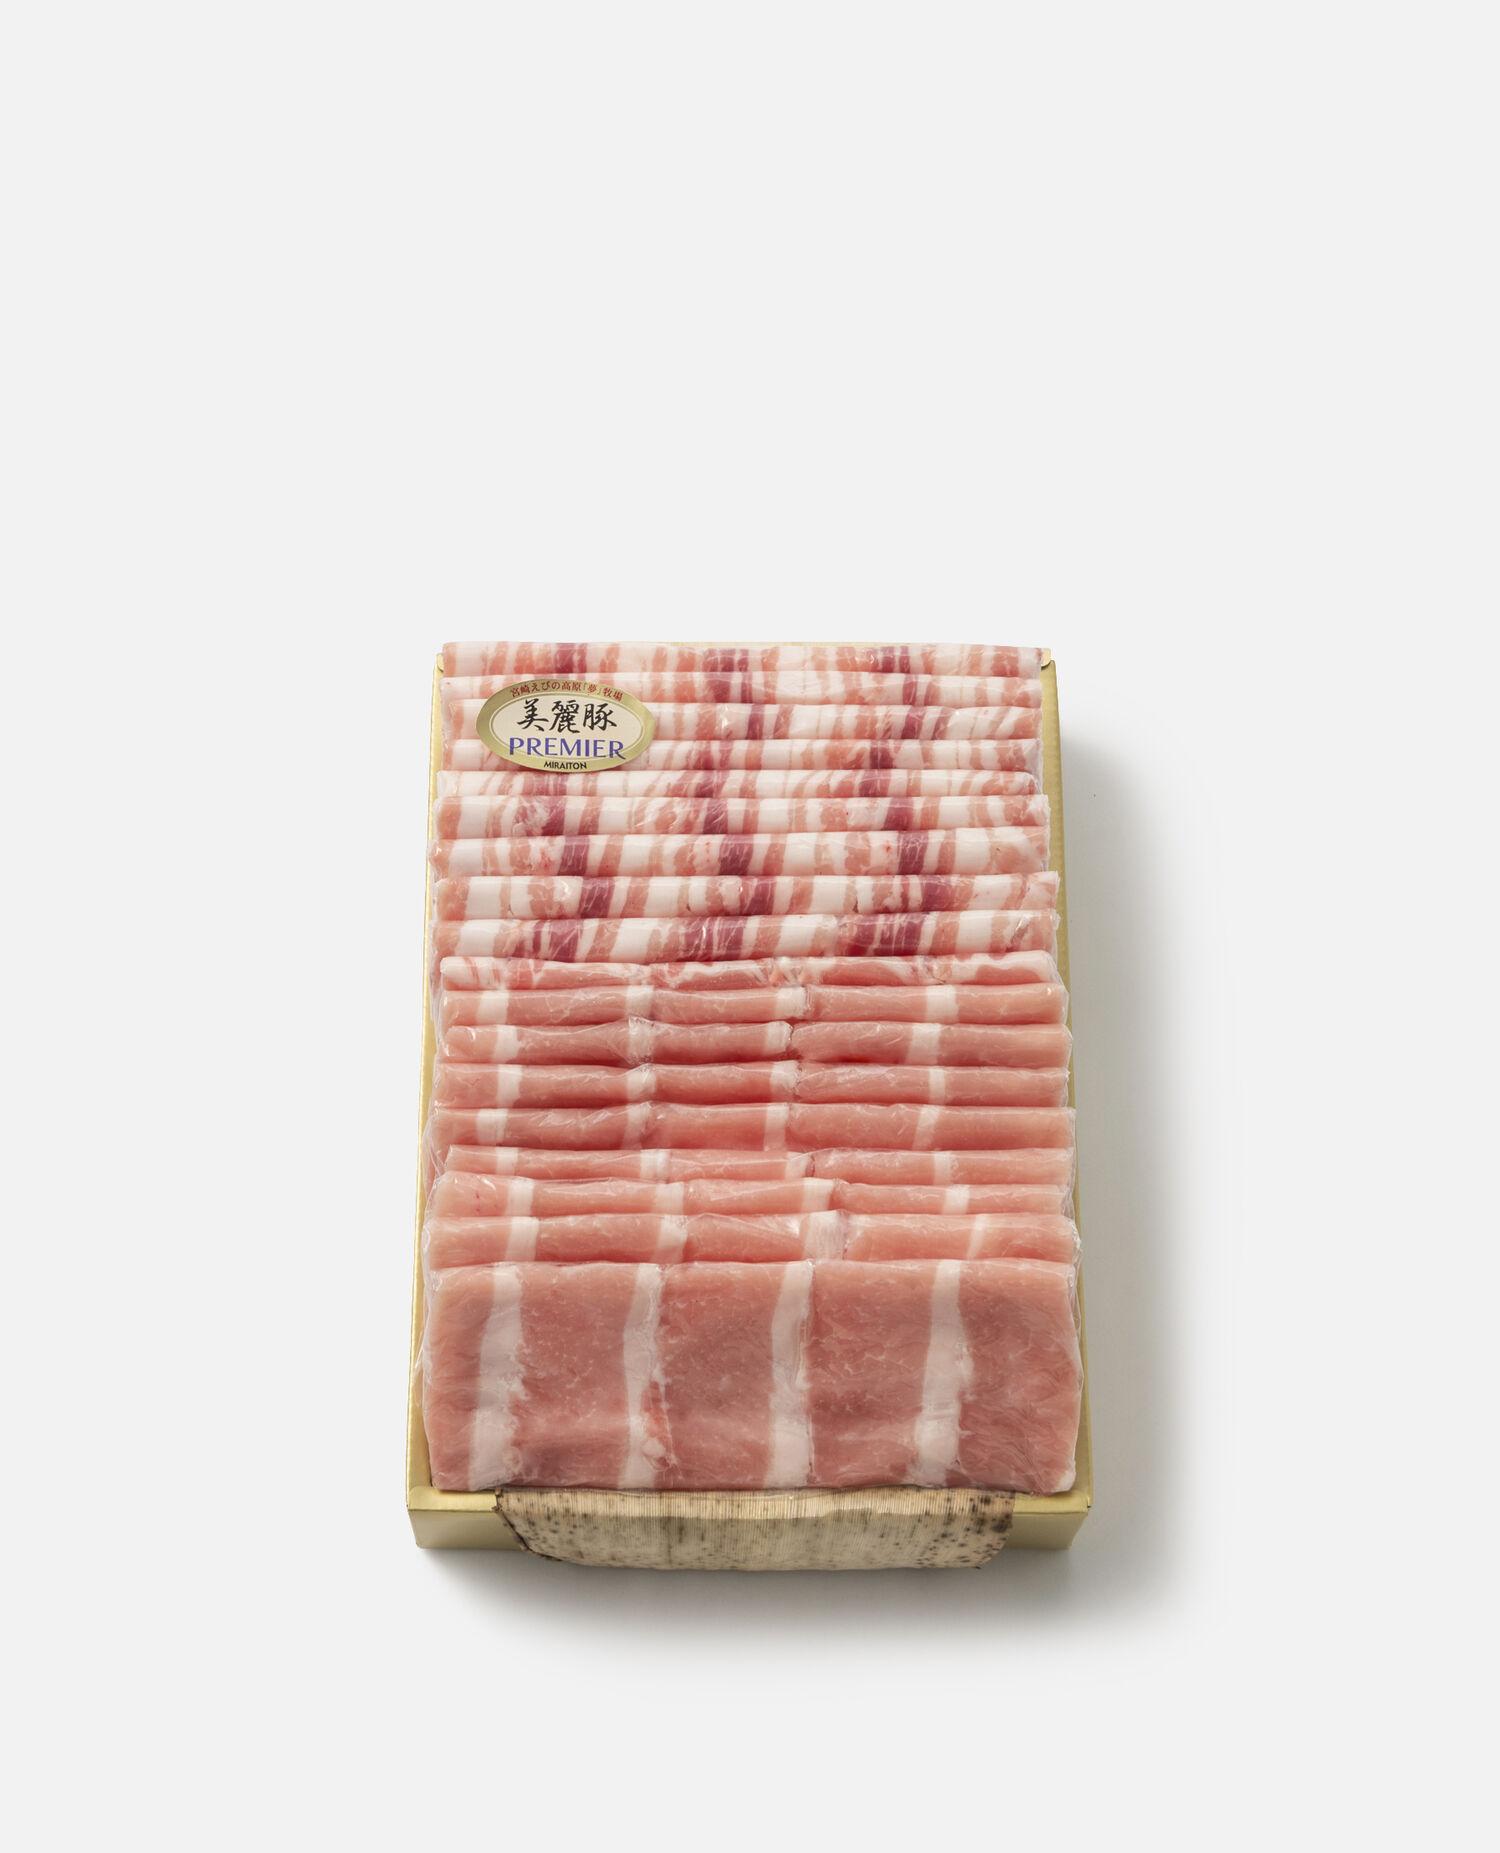 宮崎県産プレミアム美麗豚しゃぶしゃぶ詰合せ